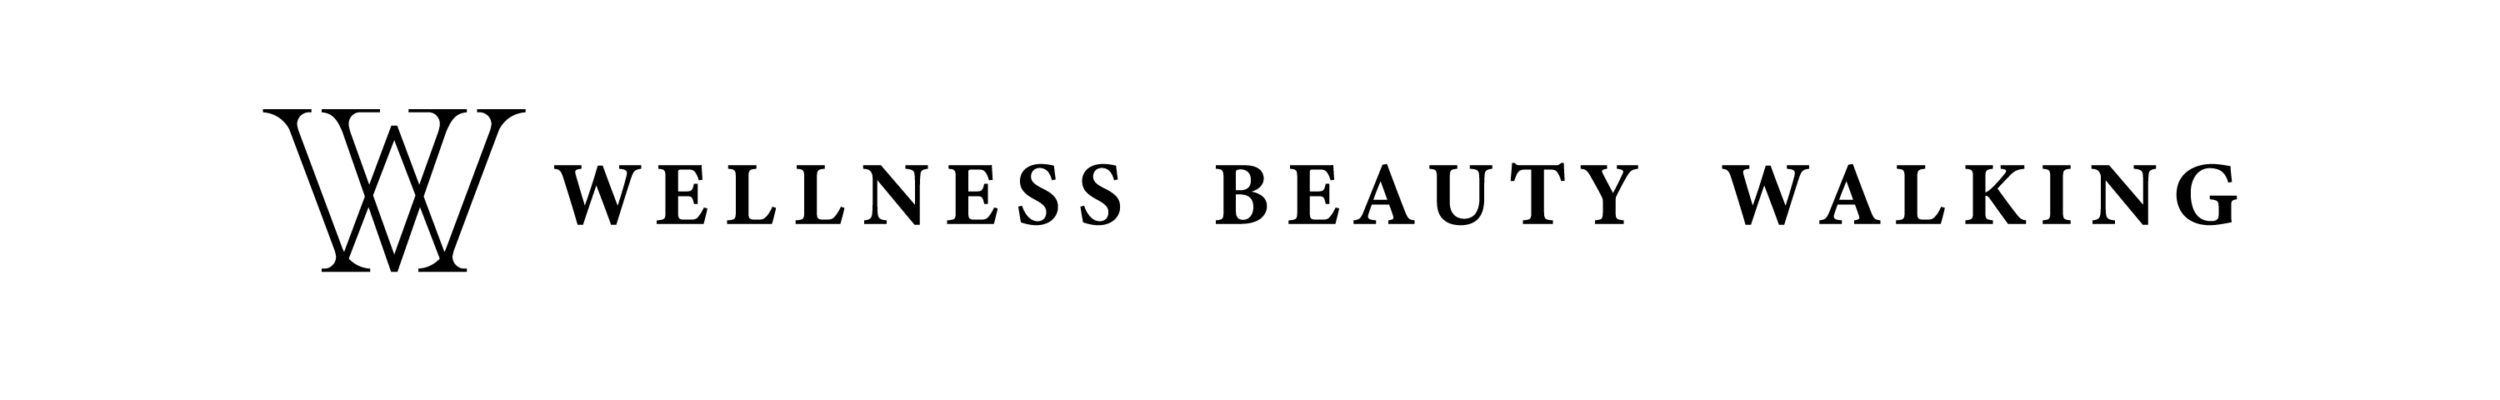 Wellness Beauty Walking Association